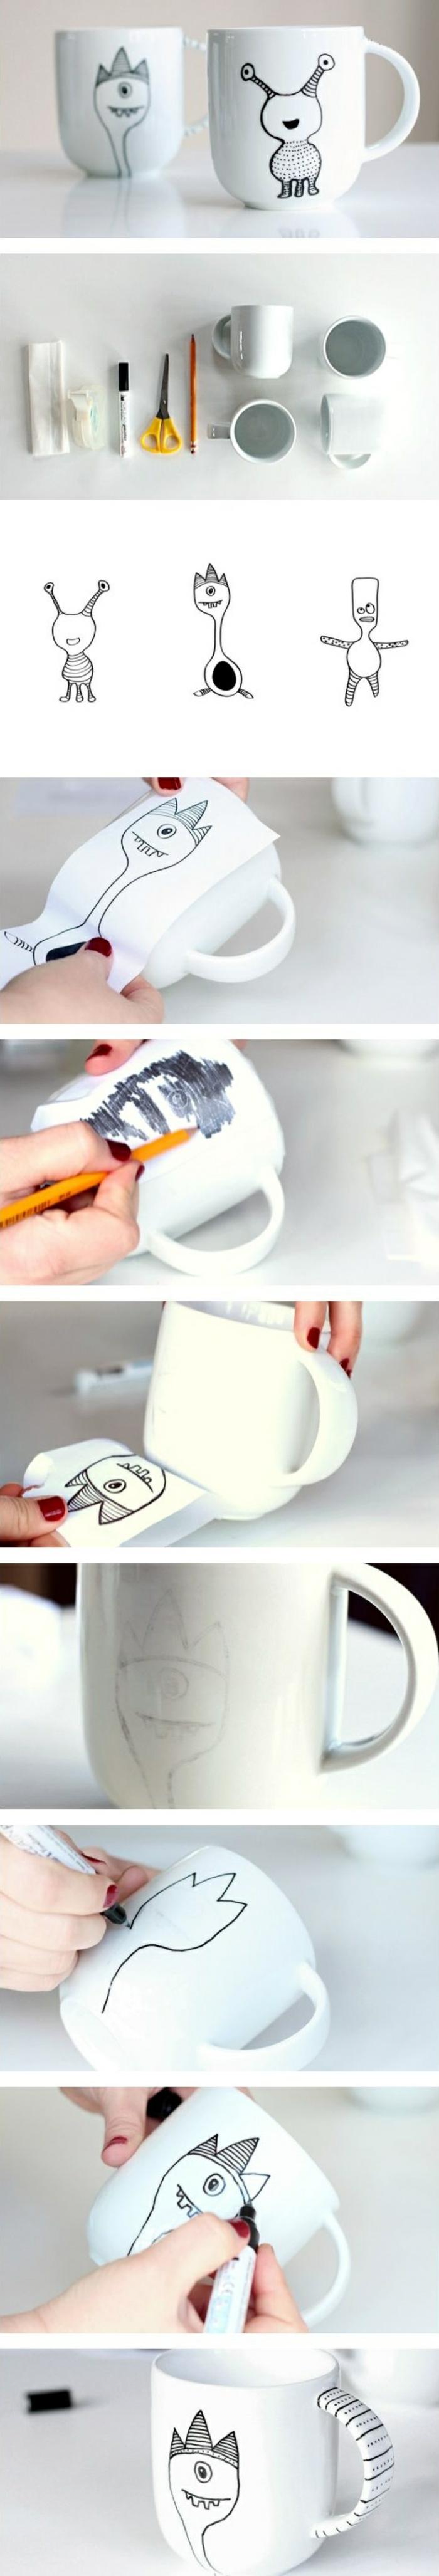 mug-photo-personnalisé-mug-personnalisé-à-faire-soi-meme